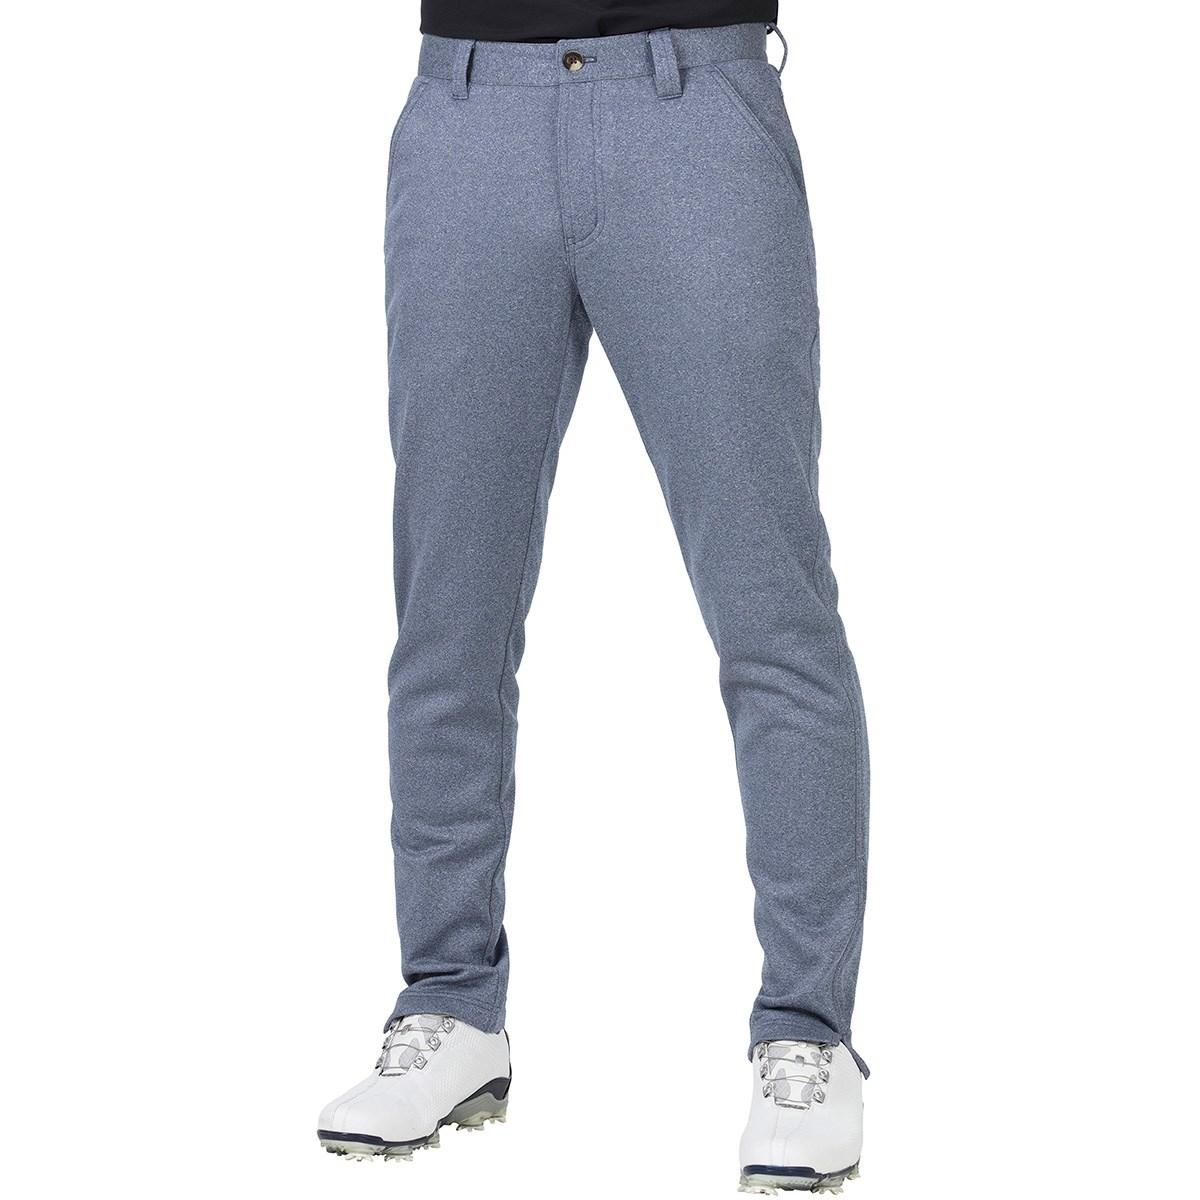 GDO オリジナル 裏起毛6ポケット型ジャージパンツ 股下76cm